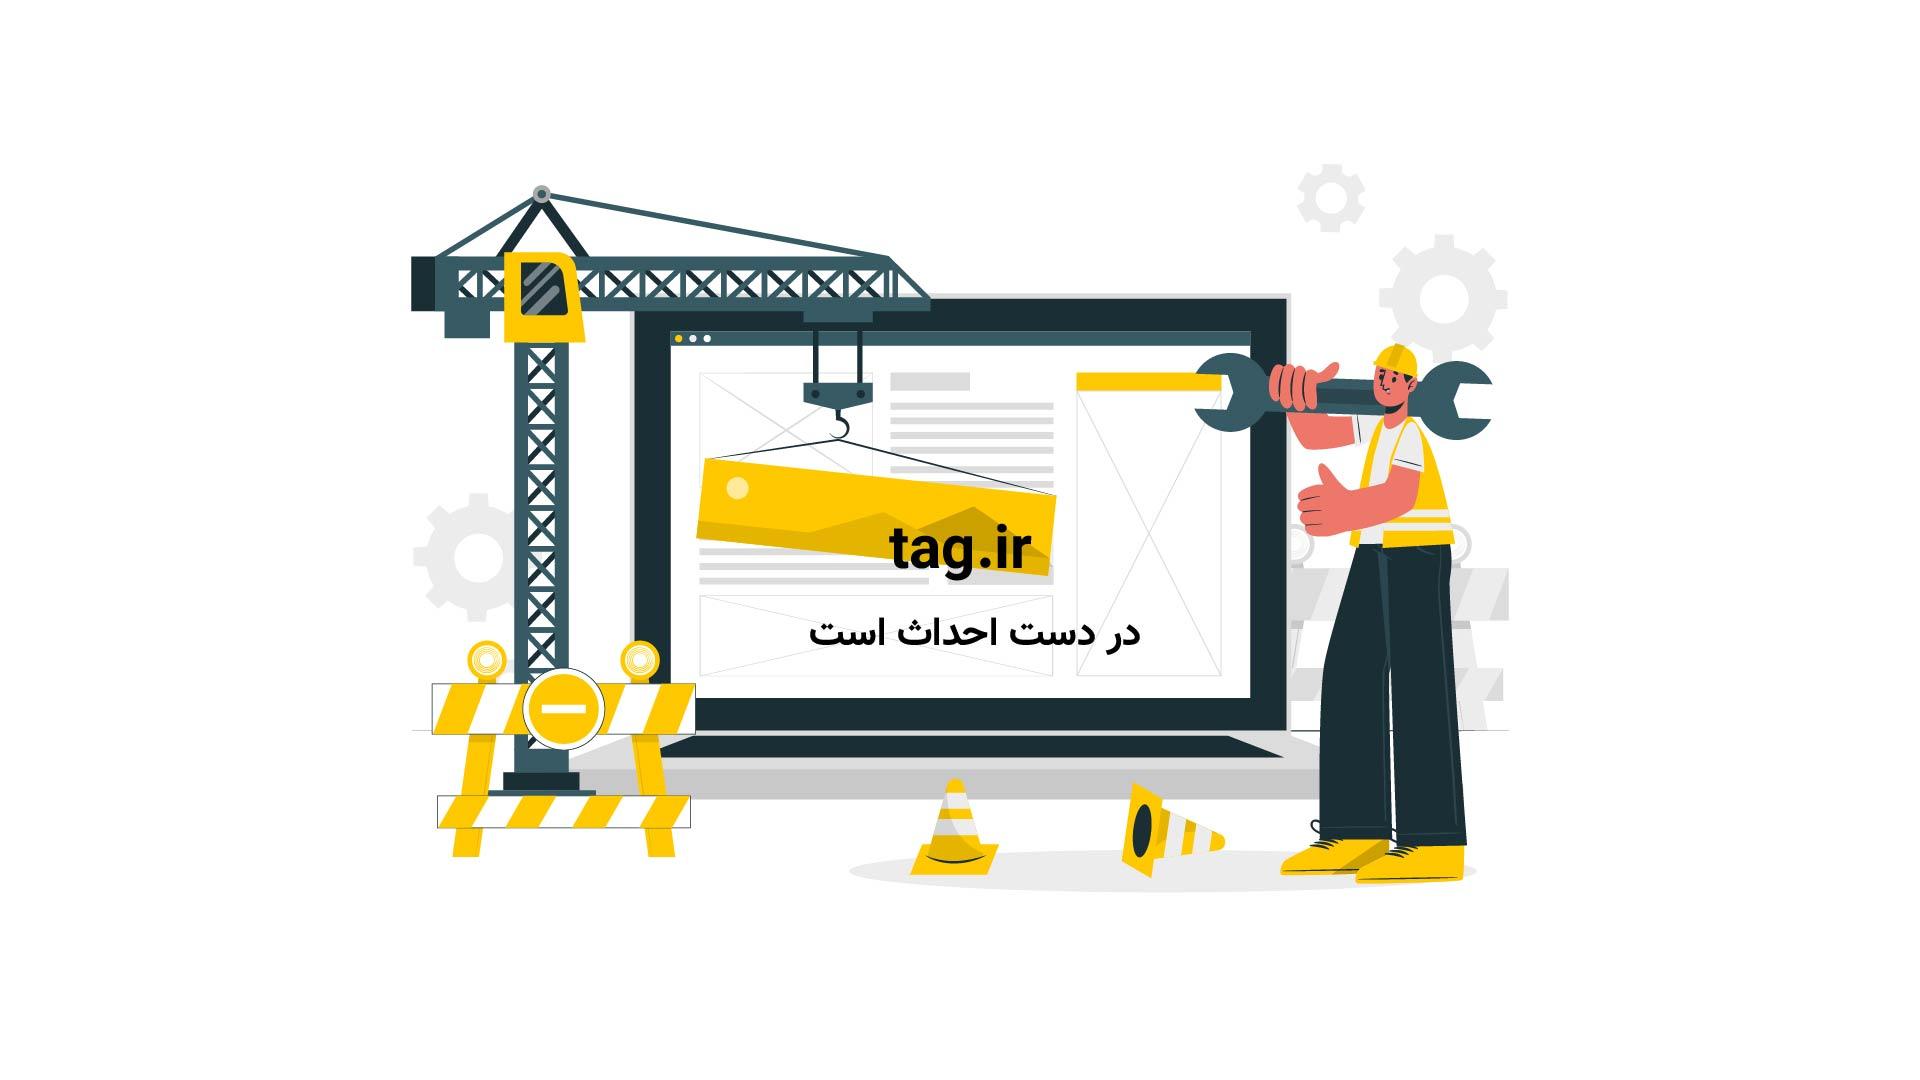 خوشحالی مردم مصر از رای دادگاه به عدم واگذاری جزایرشان به عربستان   فیلم